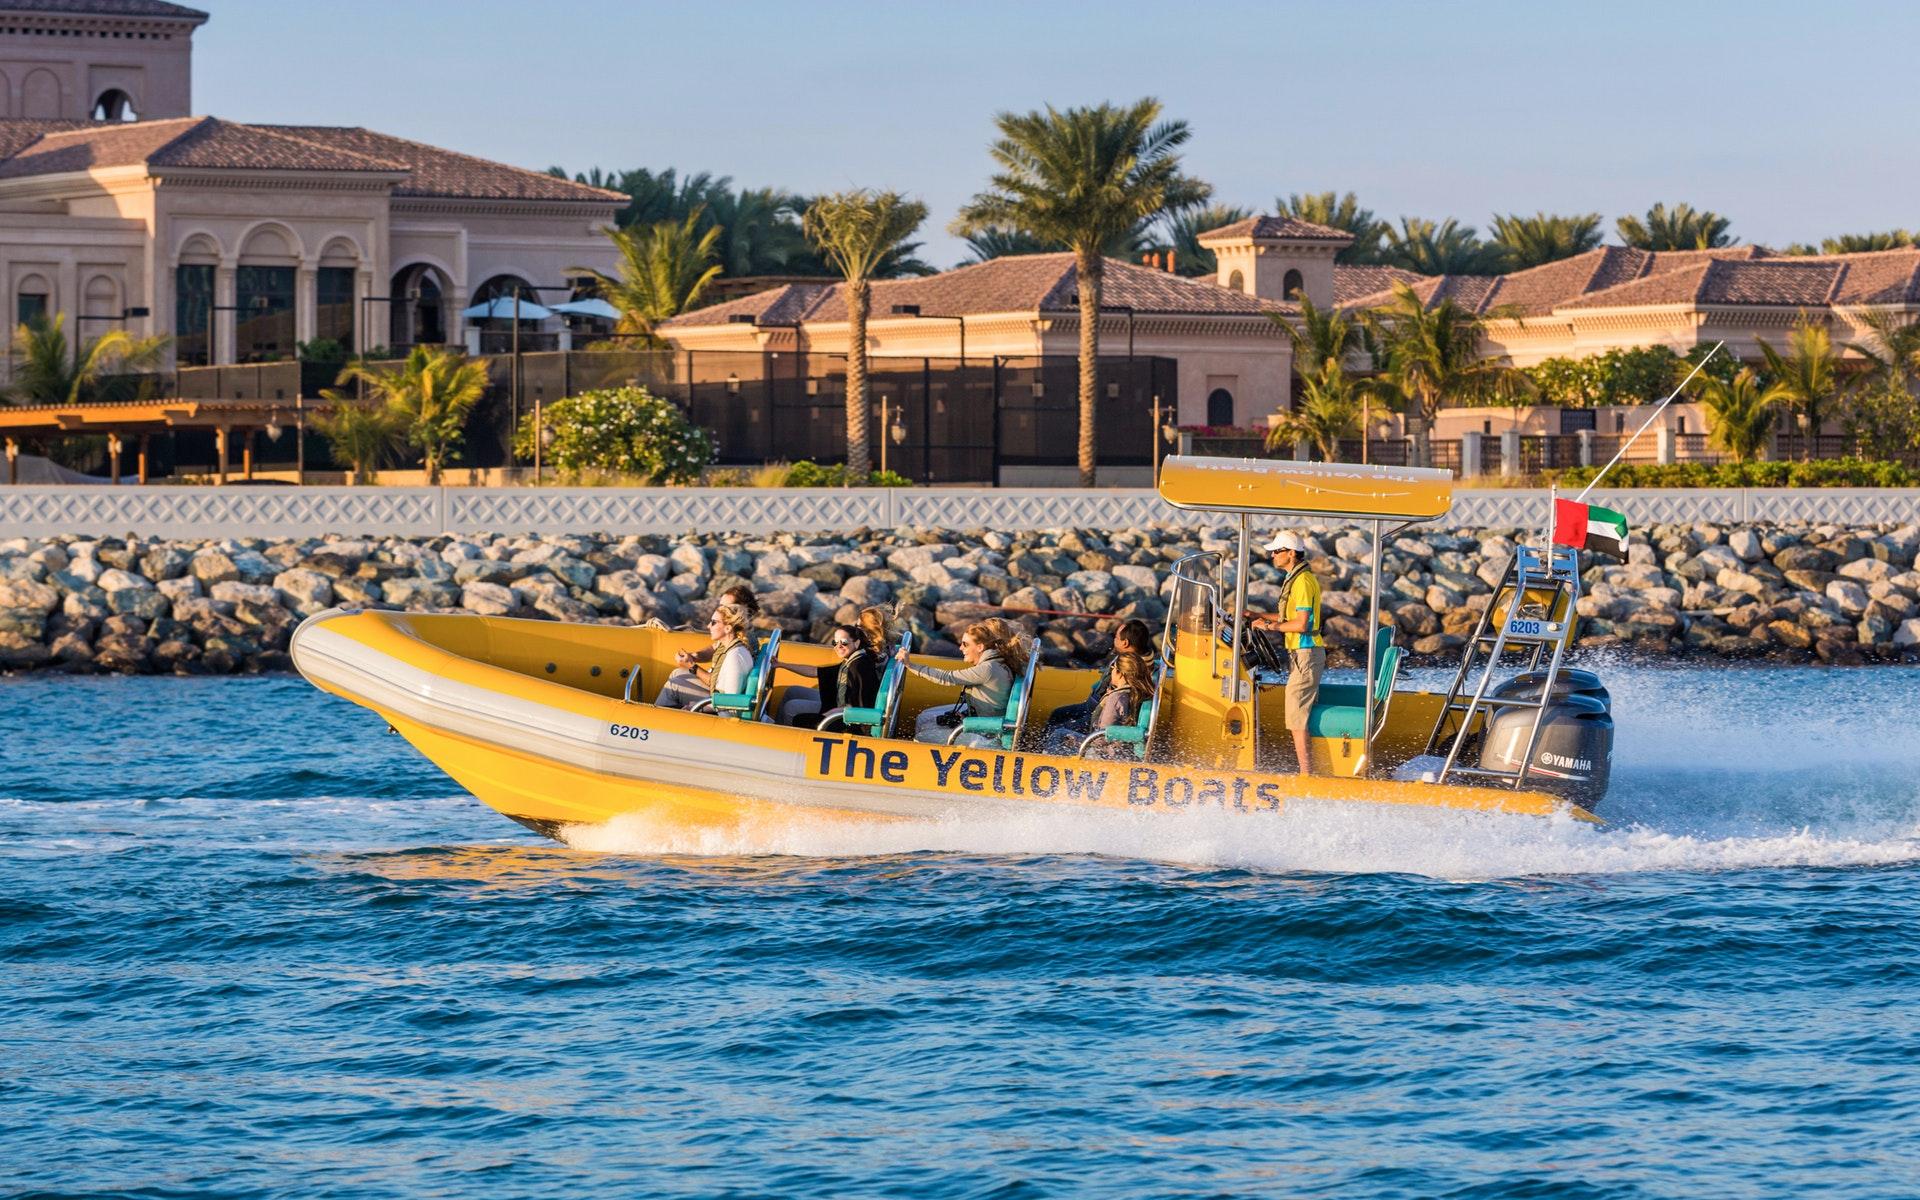 beaches-in-dubai-palm-jumeirah-burj-al-arab-marina-tour